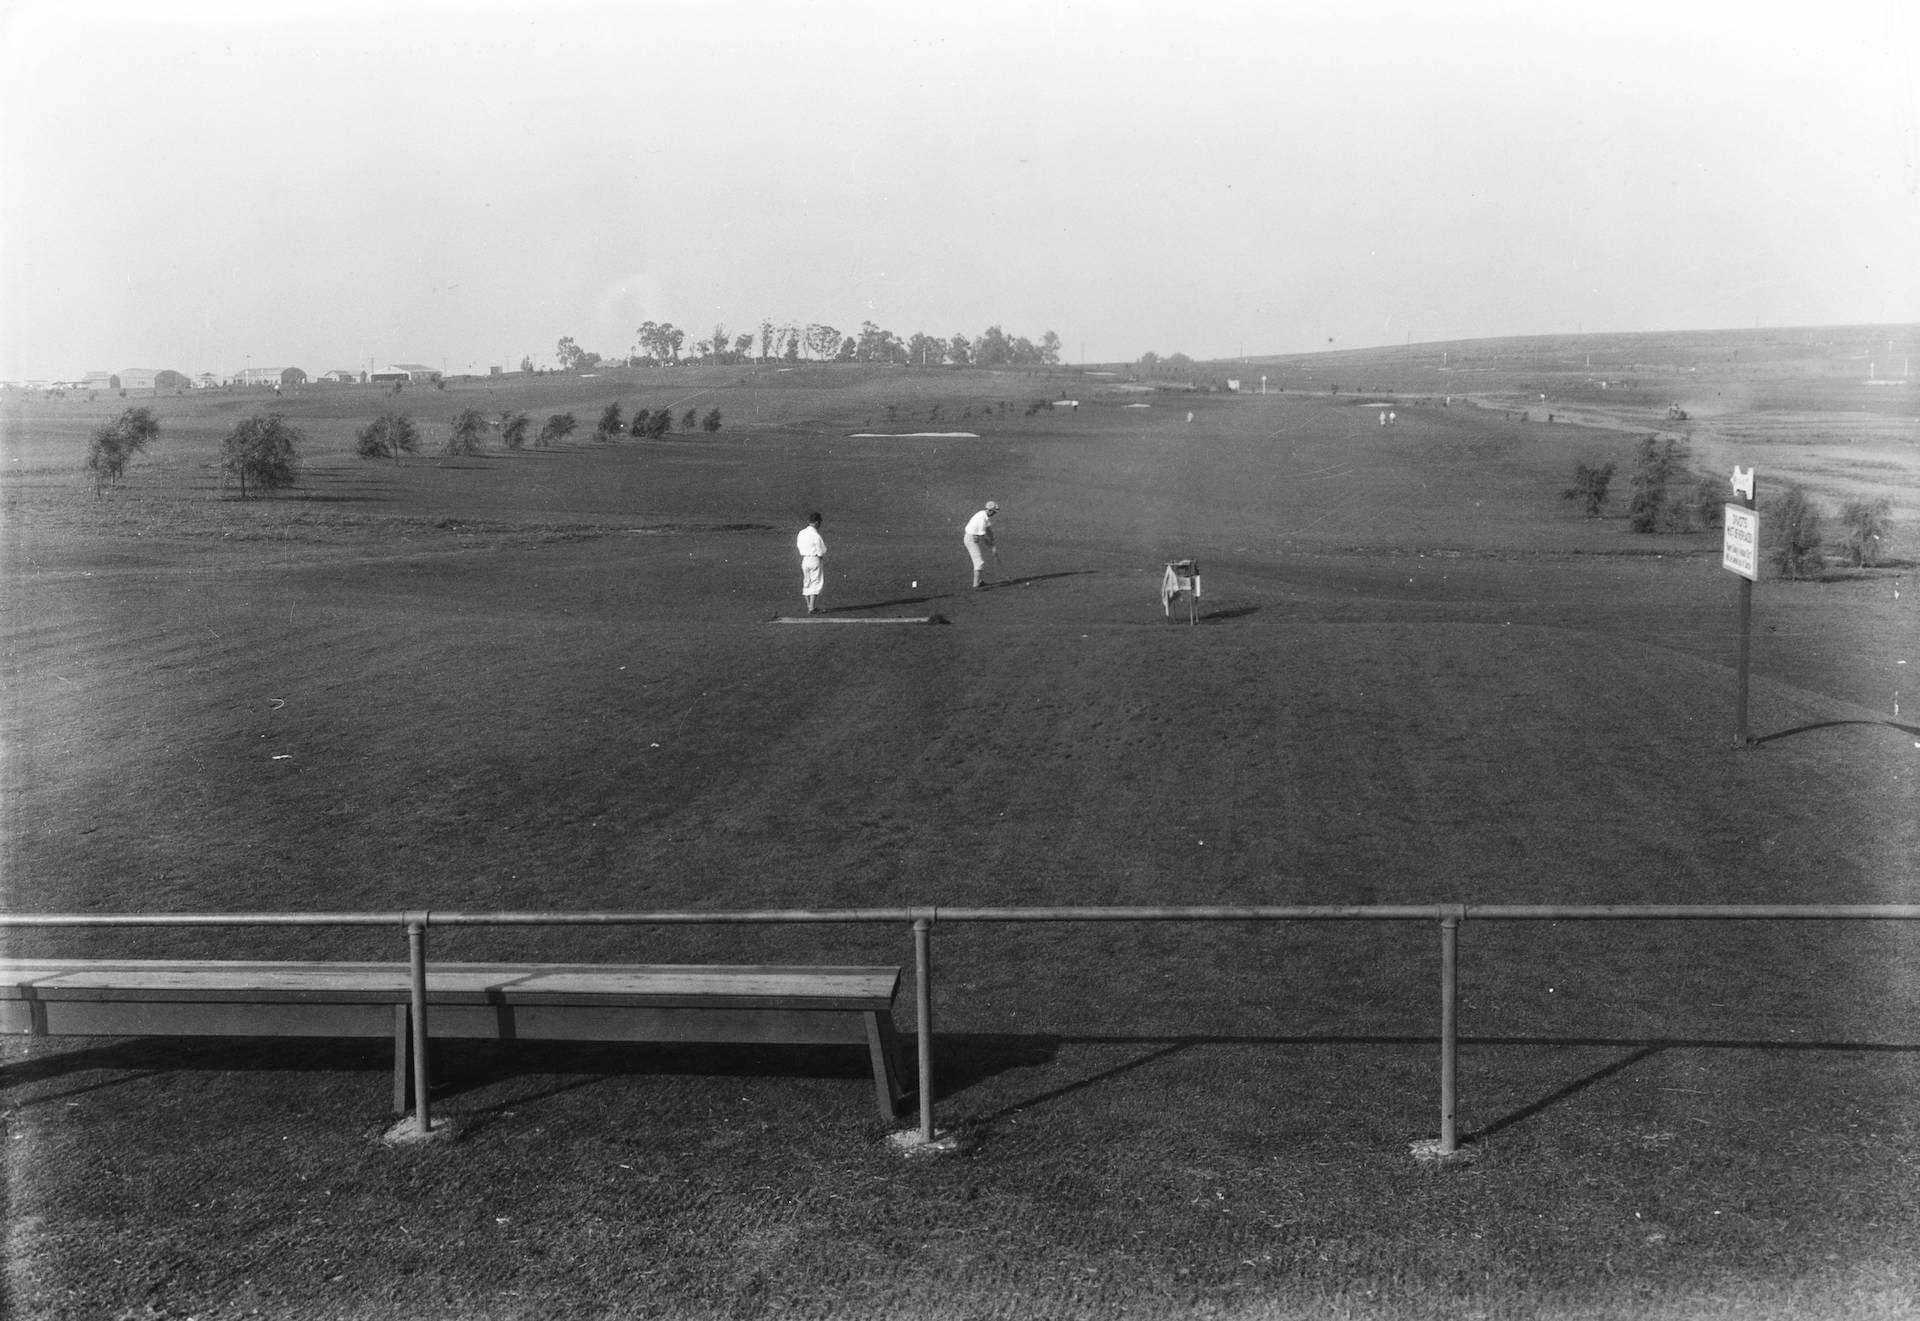 clover field golf course